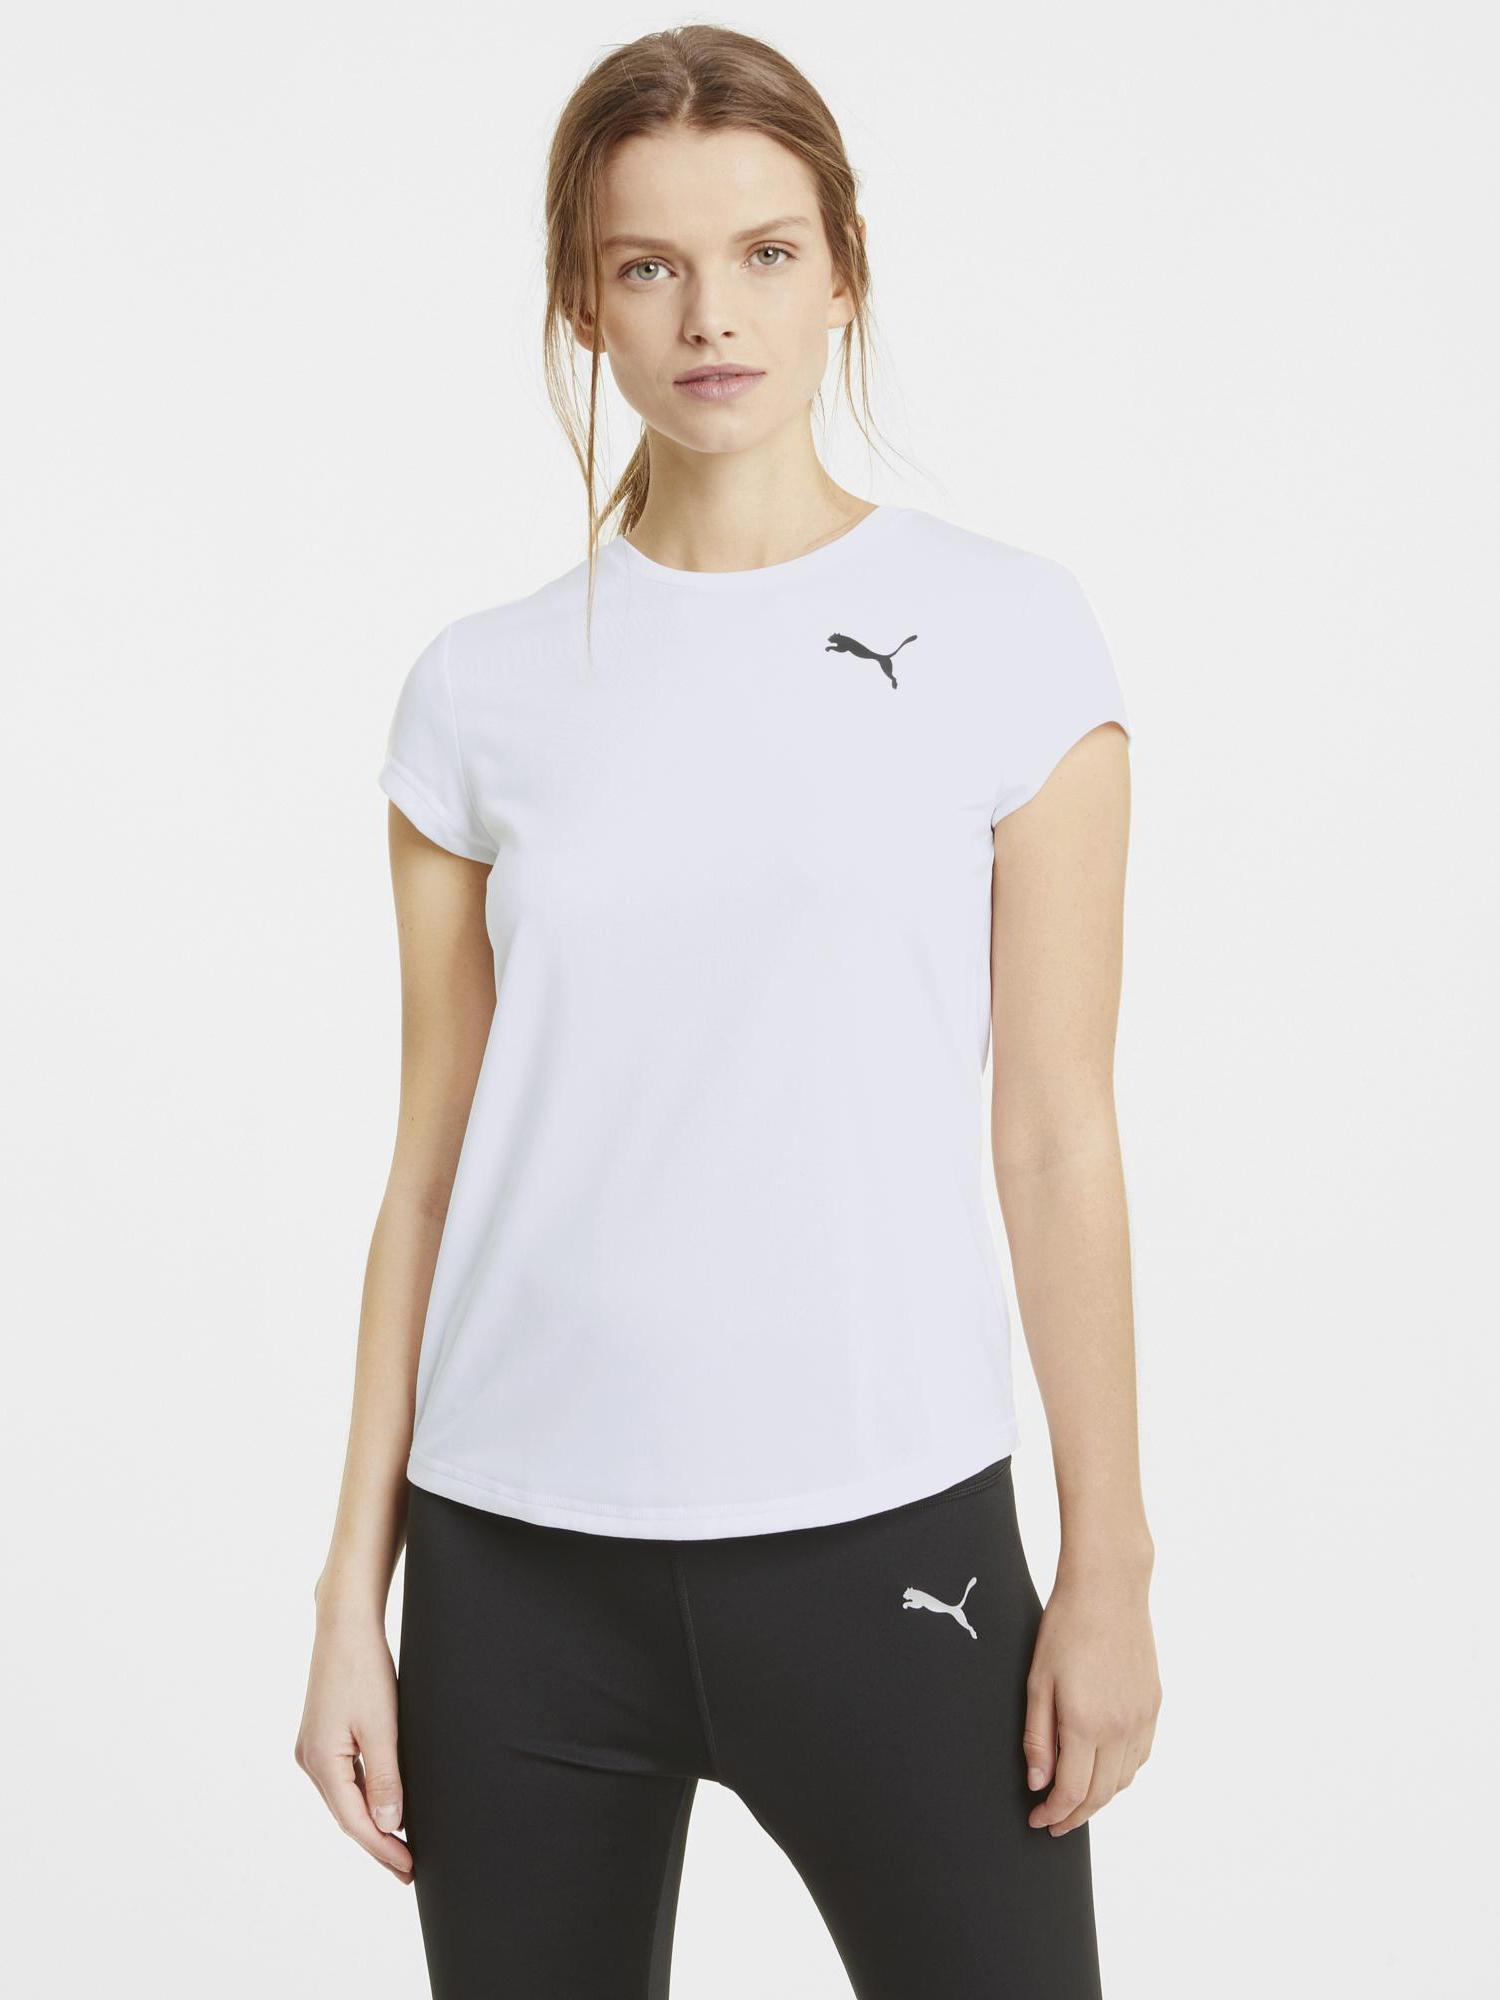 Puma biały damska koszulka Active